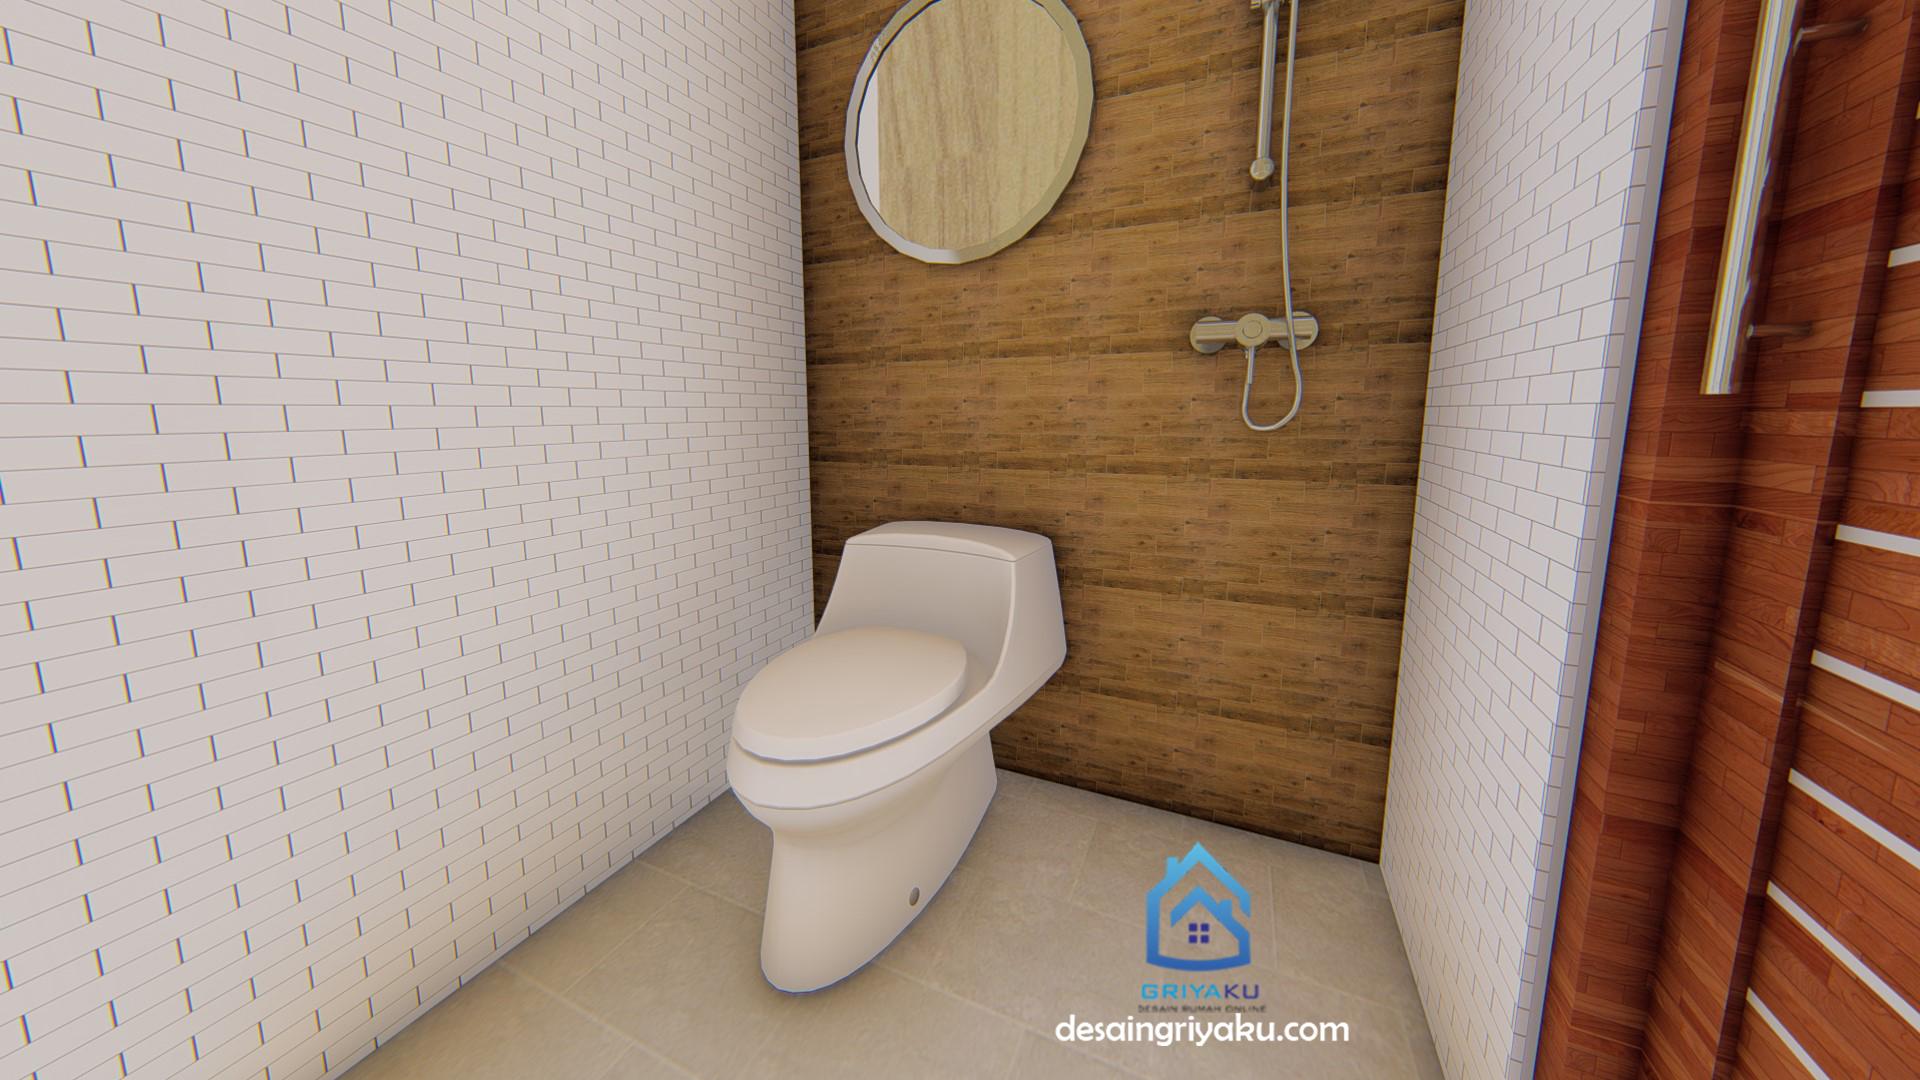 kamar mandi anak 9x12 - kamar mandi anak 9x12